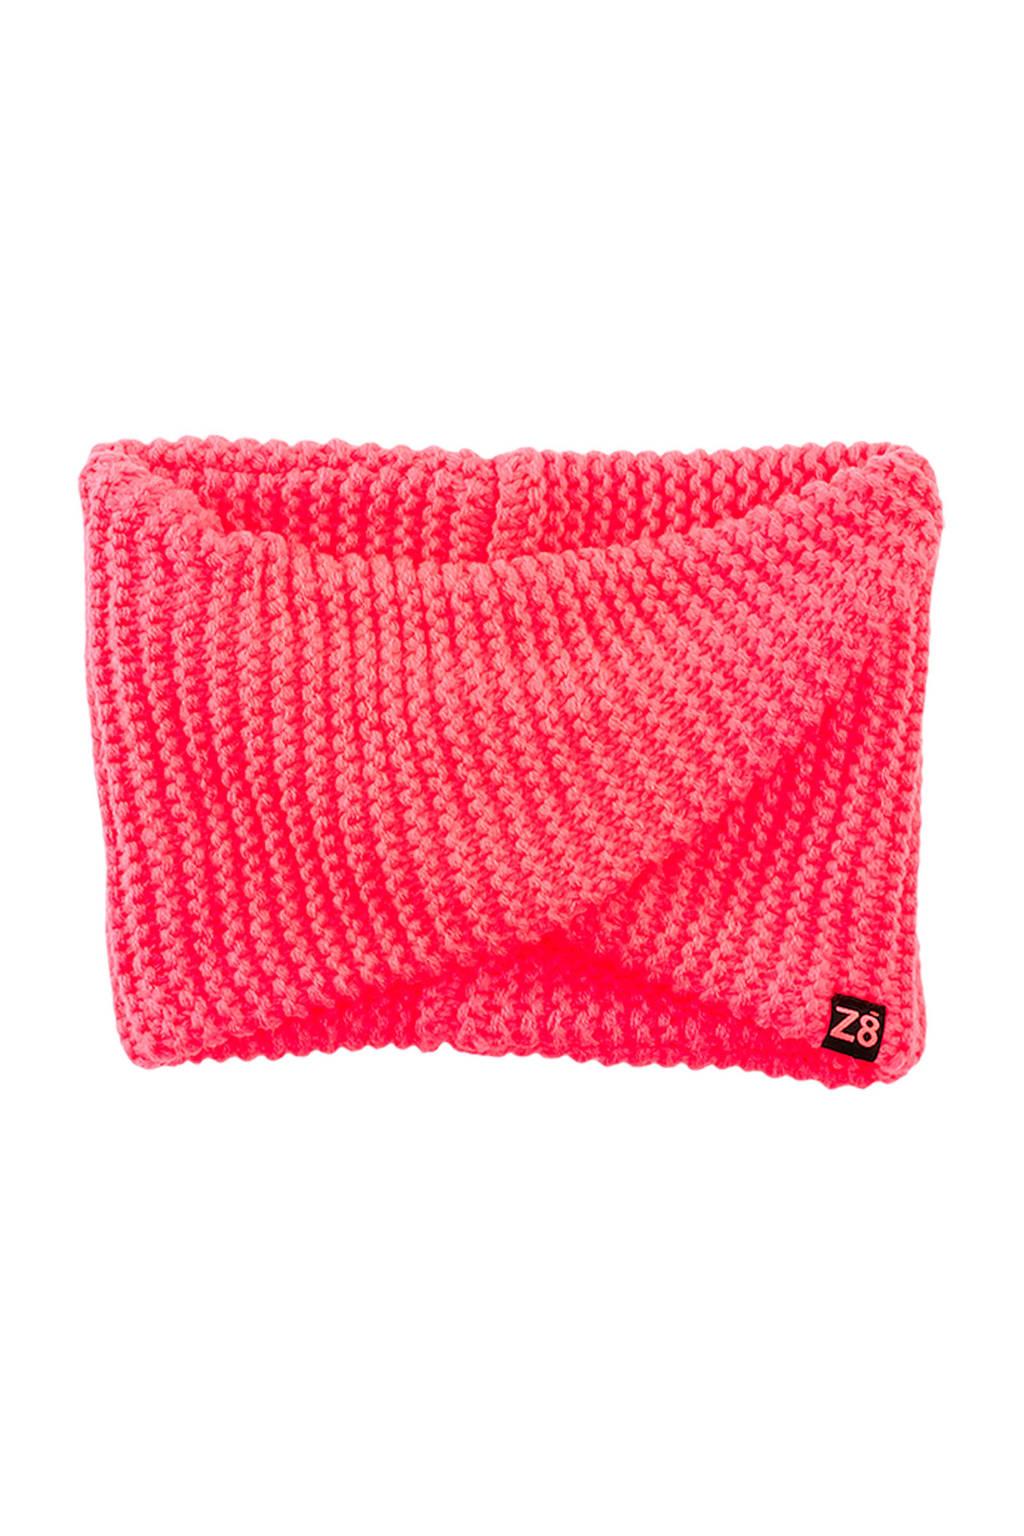 Z8 sjaal Shay neon roze, Neon roze